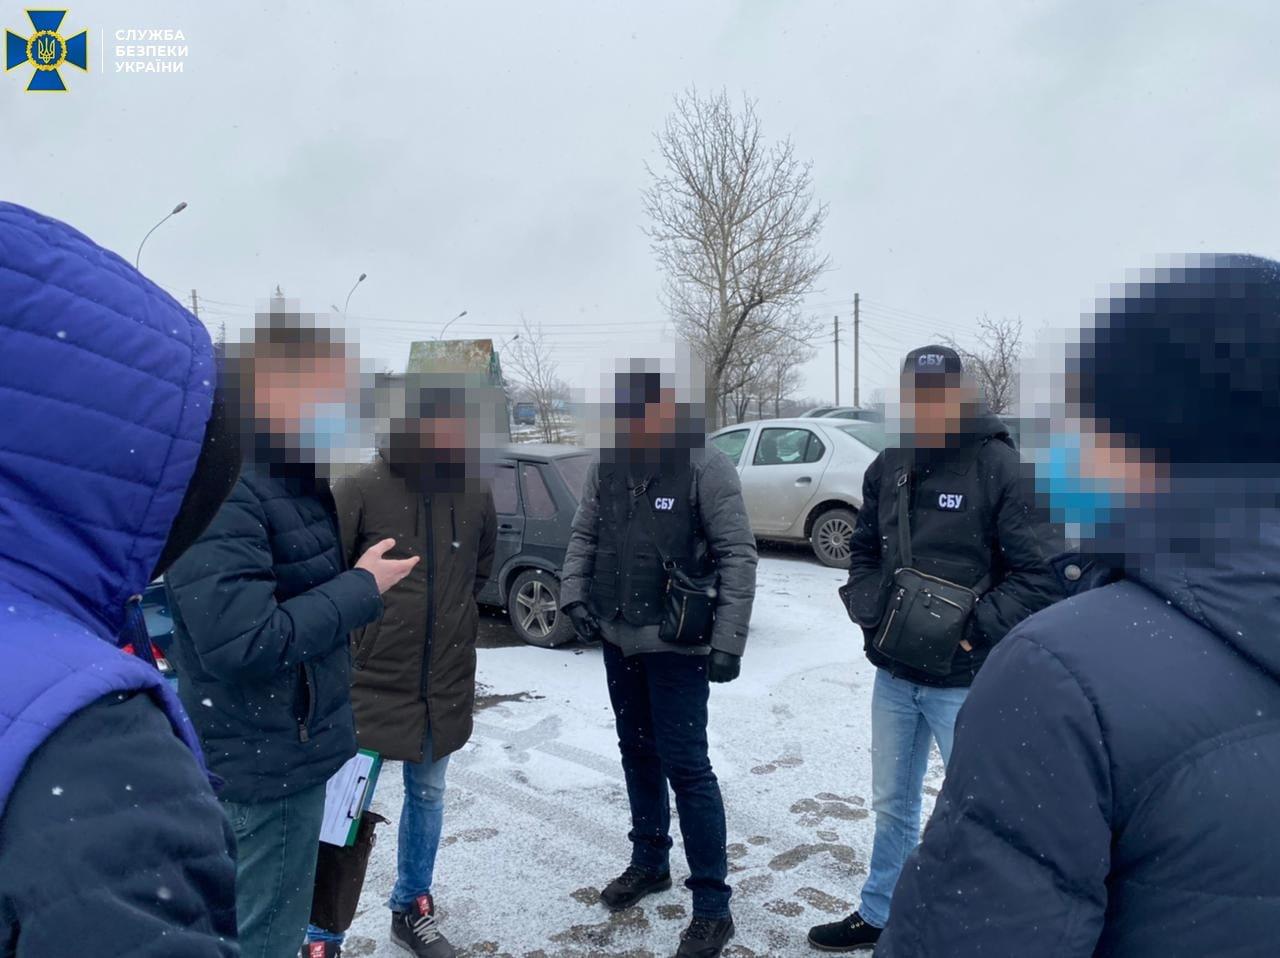 На Днепропетровщине чиновница городского суда попалась на взятке за необходимое клиенту решение суда, - ФОТО, фото-2